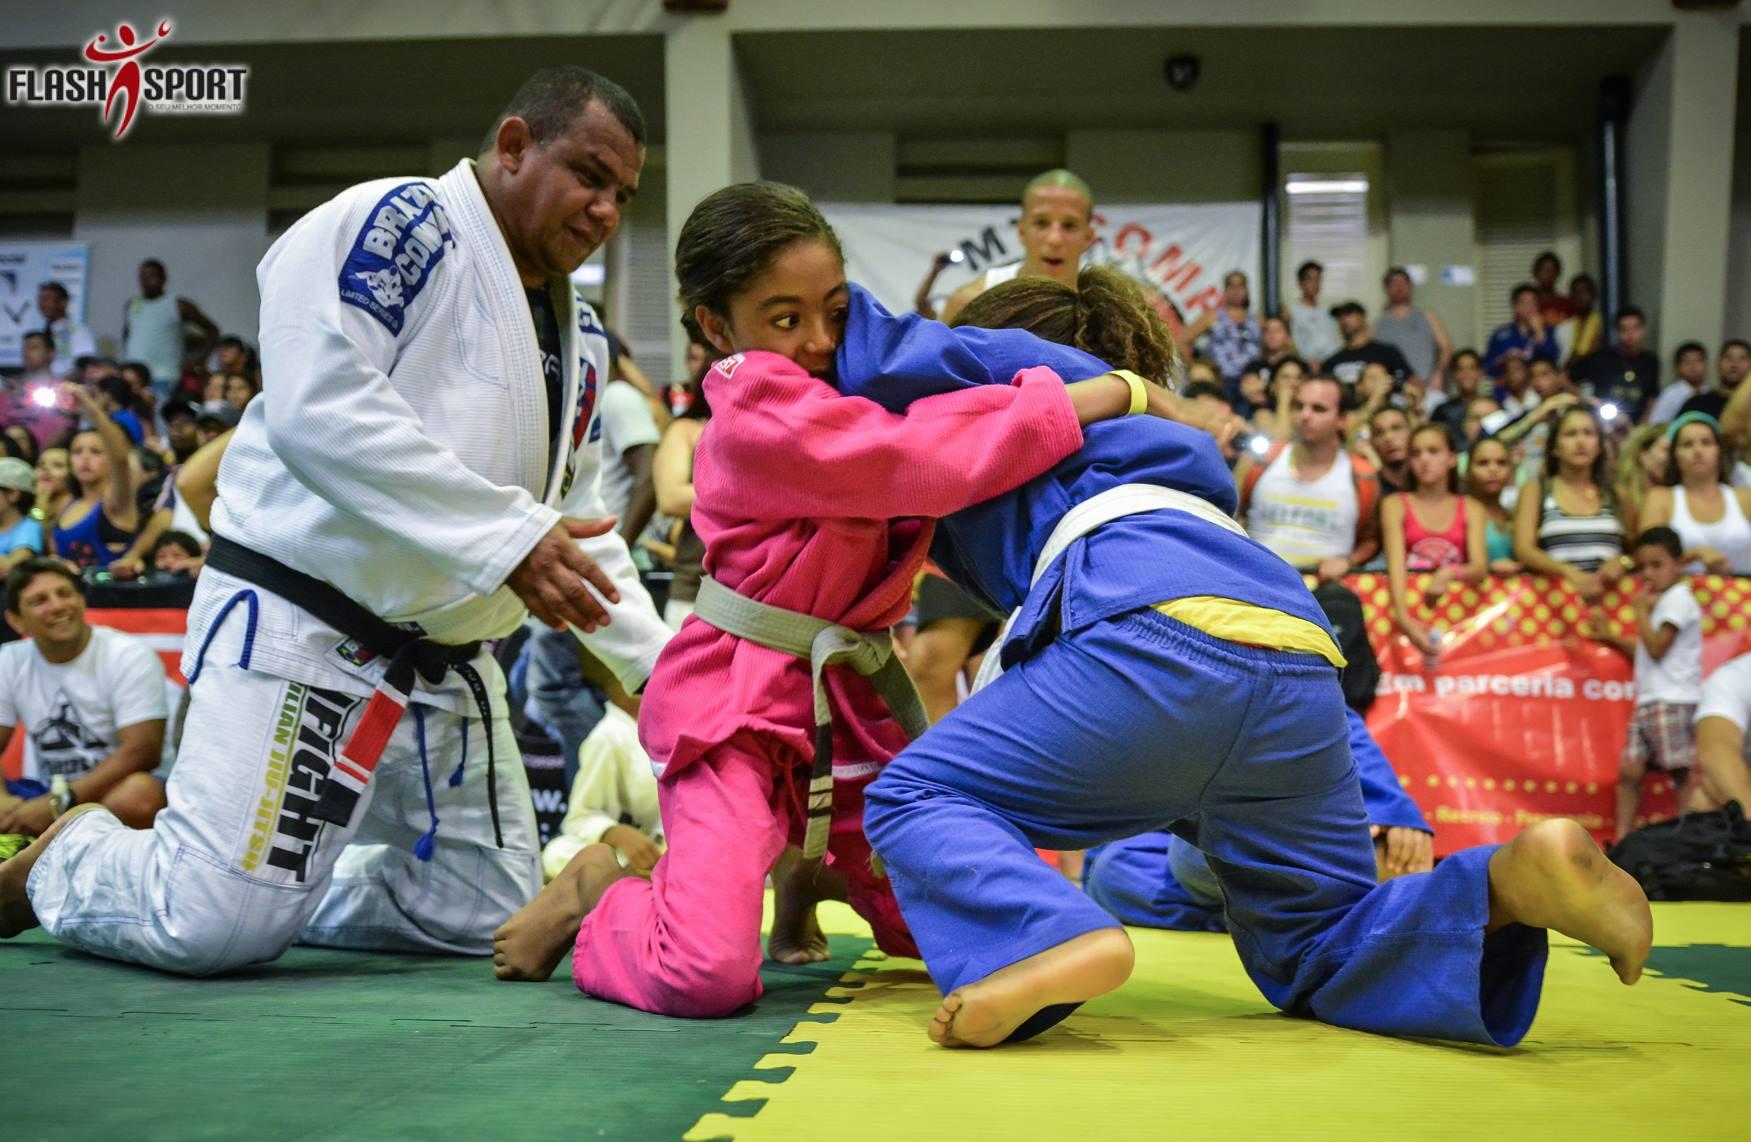 A criançada mostrou habilidade no Festival Kids da Copa Alfabarra. Foto: Divulgação